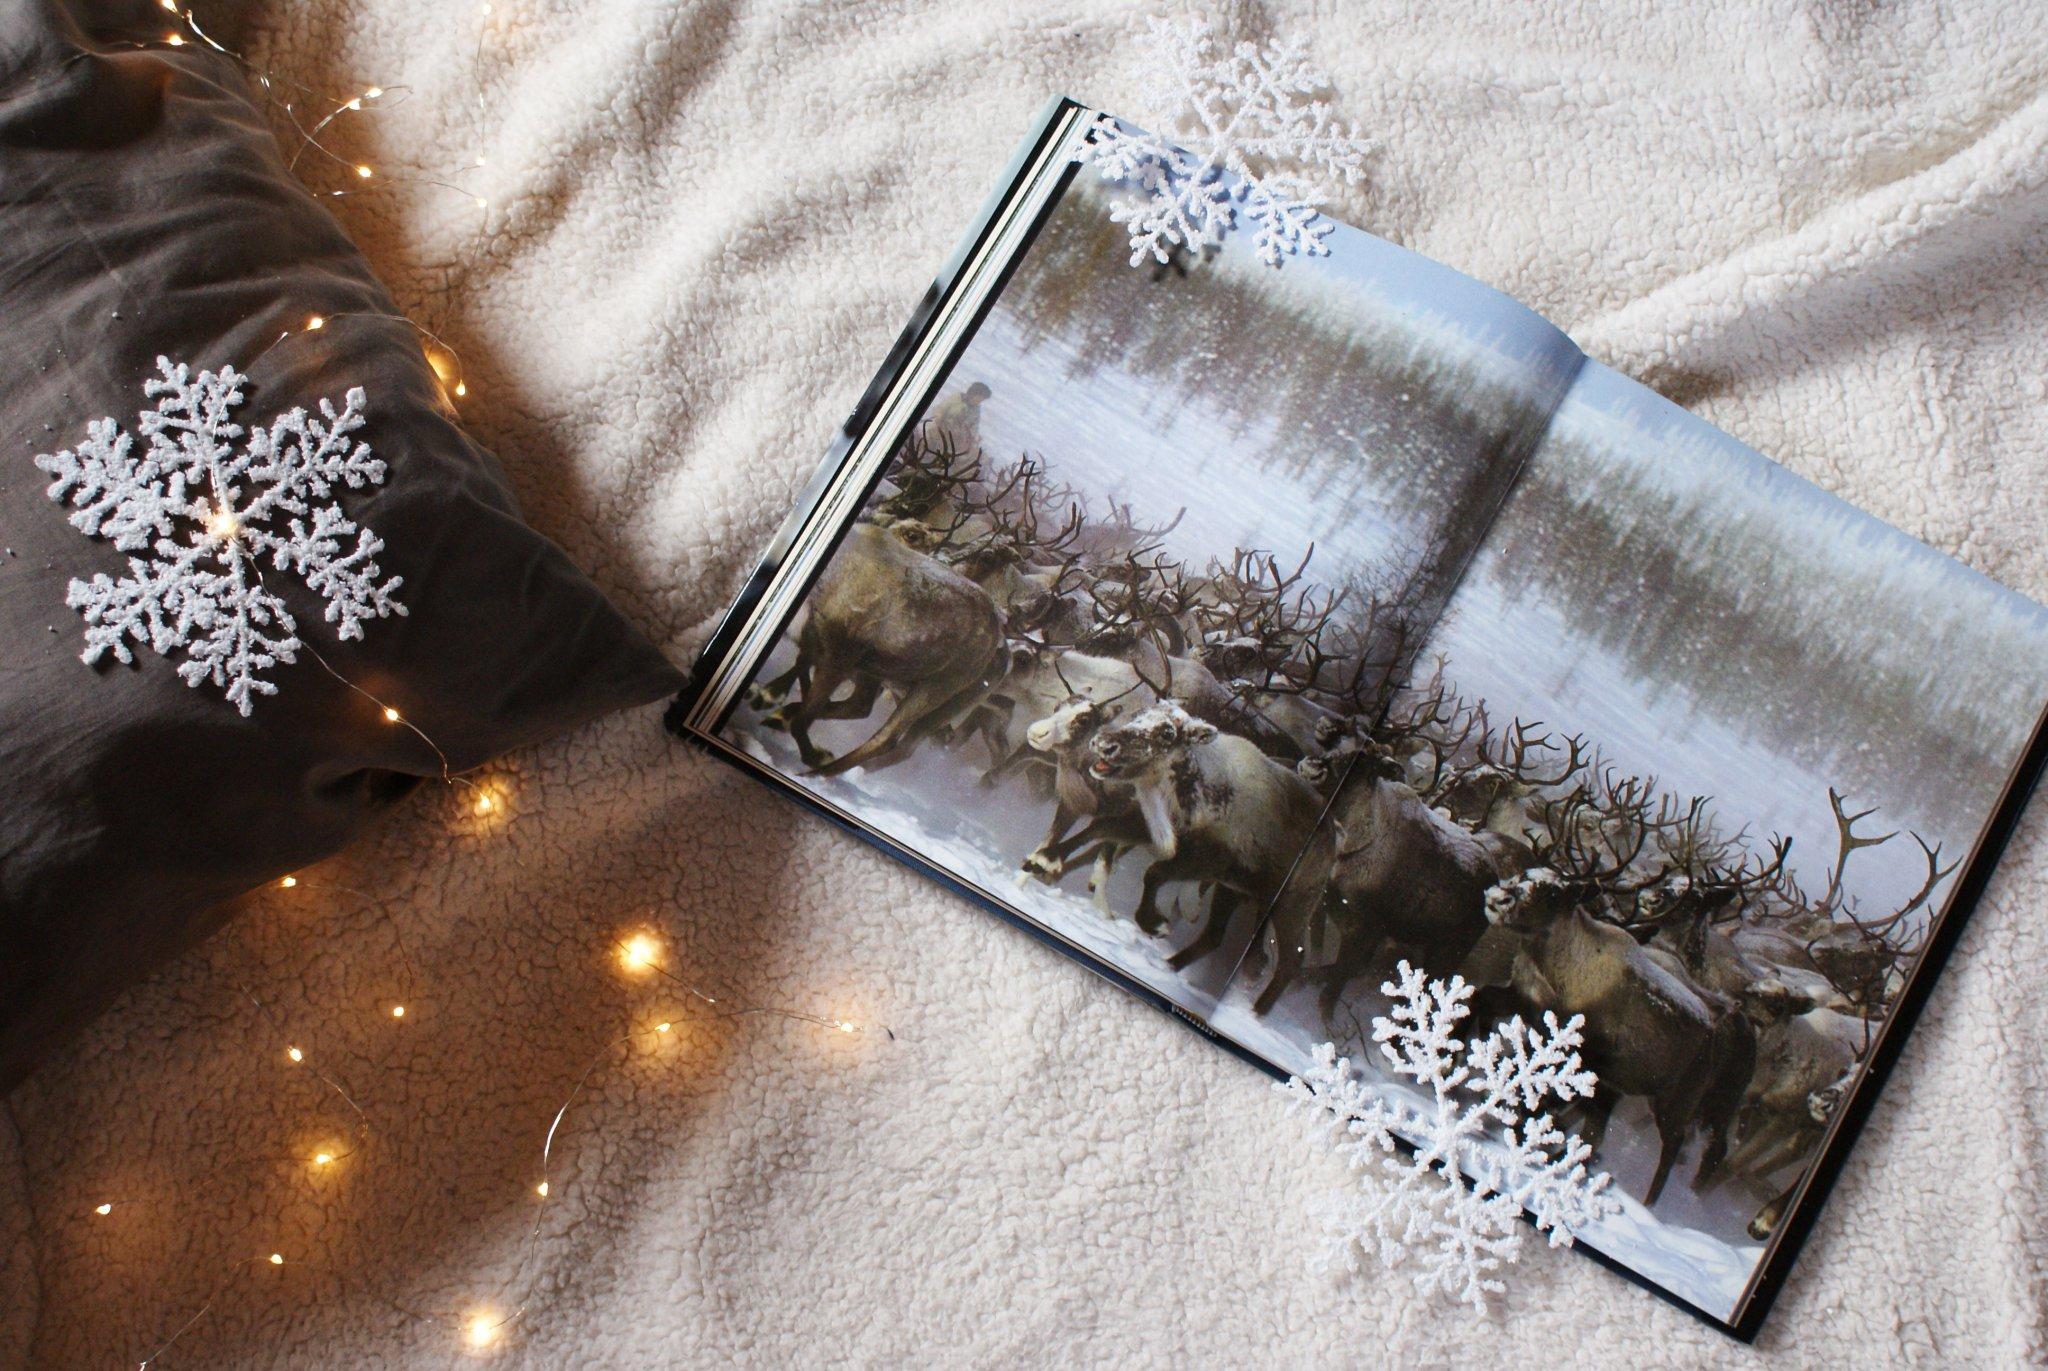 siberia russia winter tips guide travel